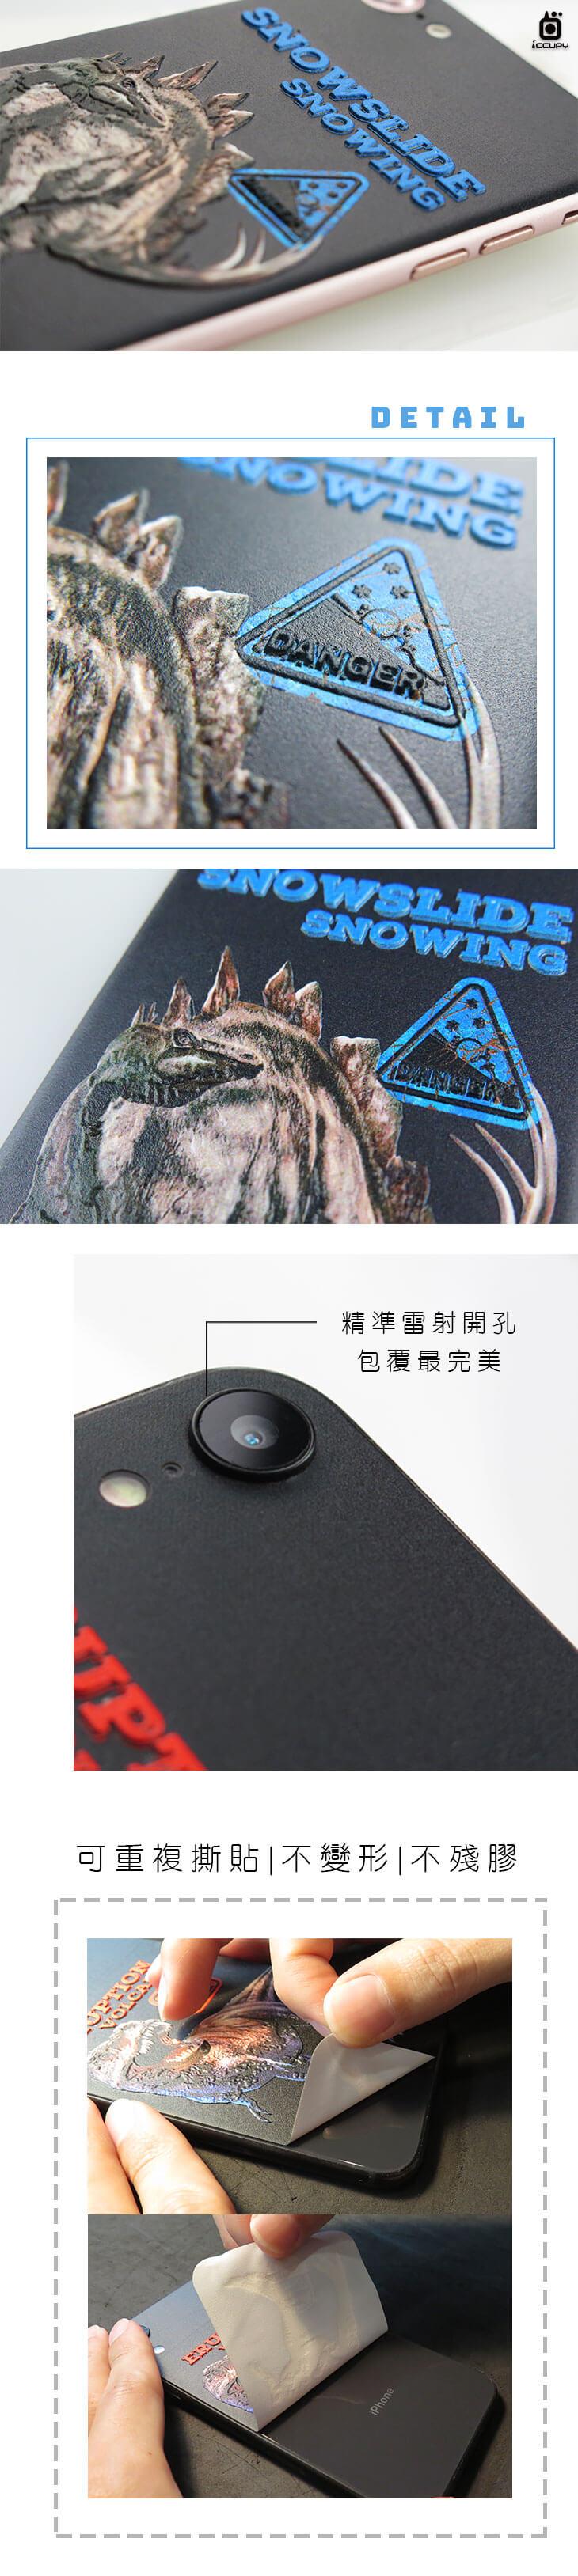 高雄手機包膜-刁膜DiaoMore-VR擬真浮雕背貼-恐龍末日-雪崩劍龍AVALANCHE